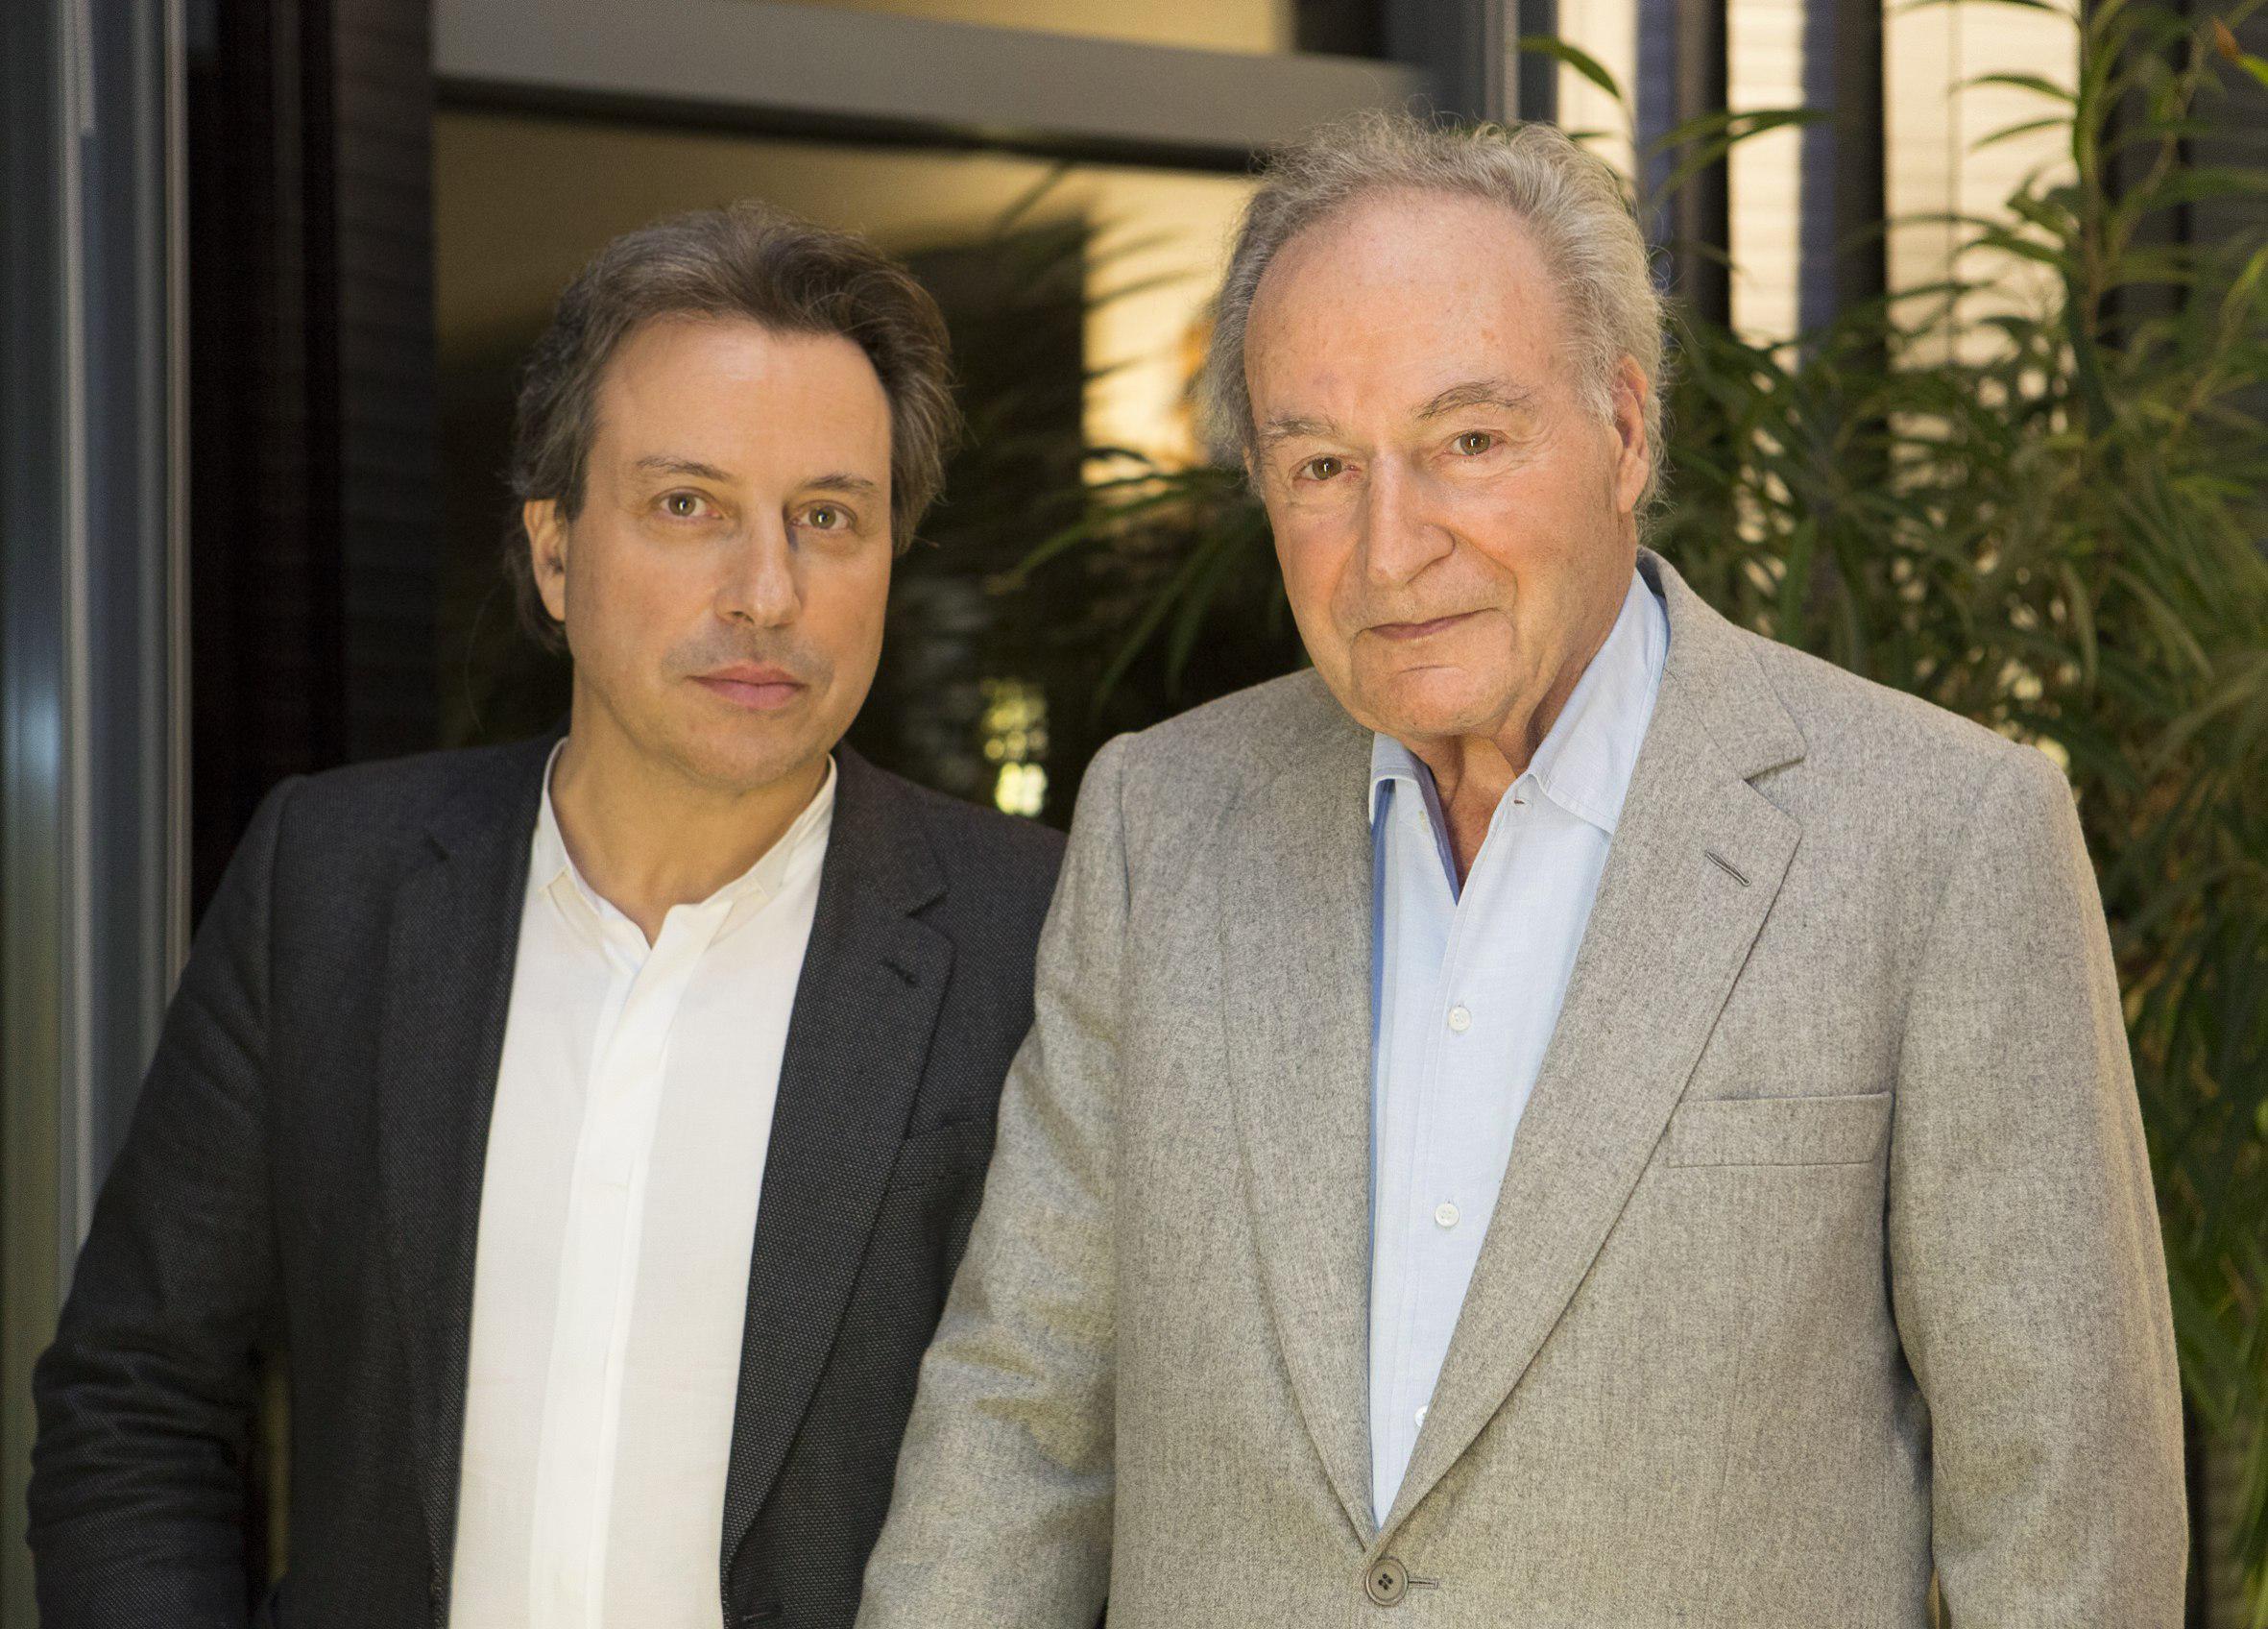 Olivier Brémond devient Directeur Général du Groupe Pierre & Vacances-Center Parcs